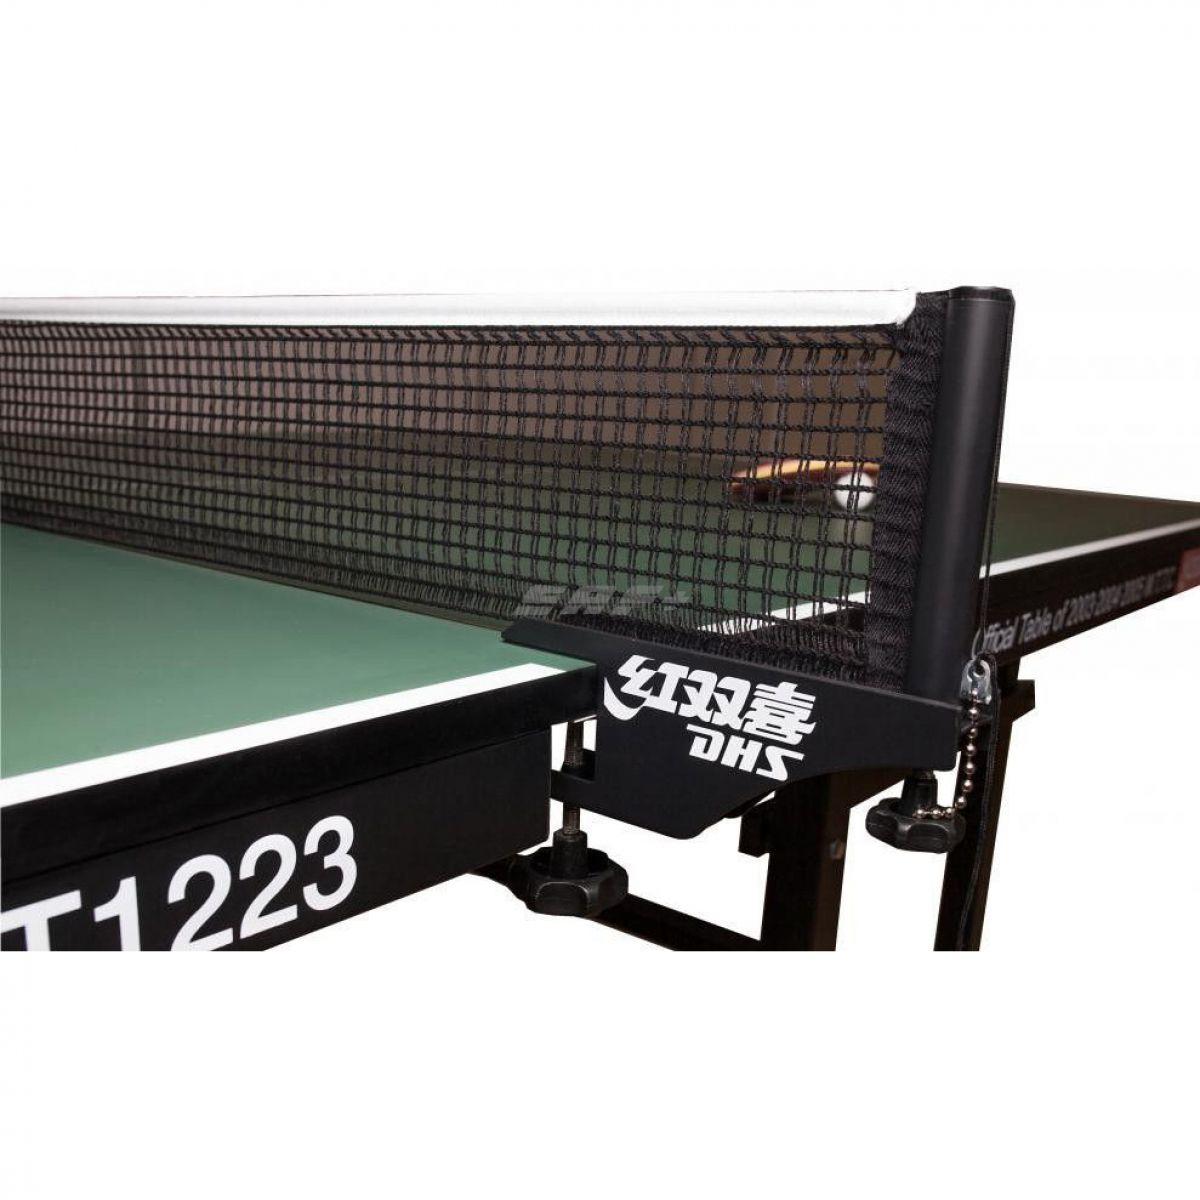 Сетка для наст. тенниса DHS P118 ITTF,в компл.с мет.стойками,ITTF Ap,измерит.высоты, черная